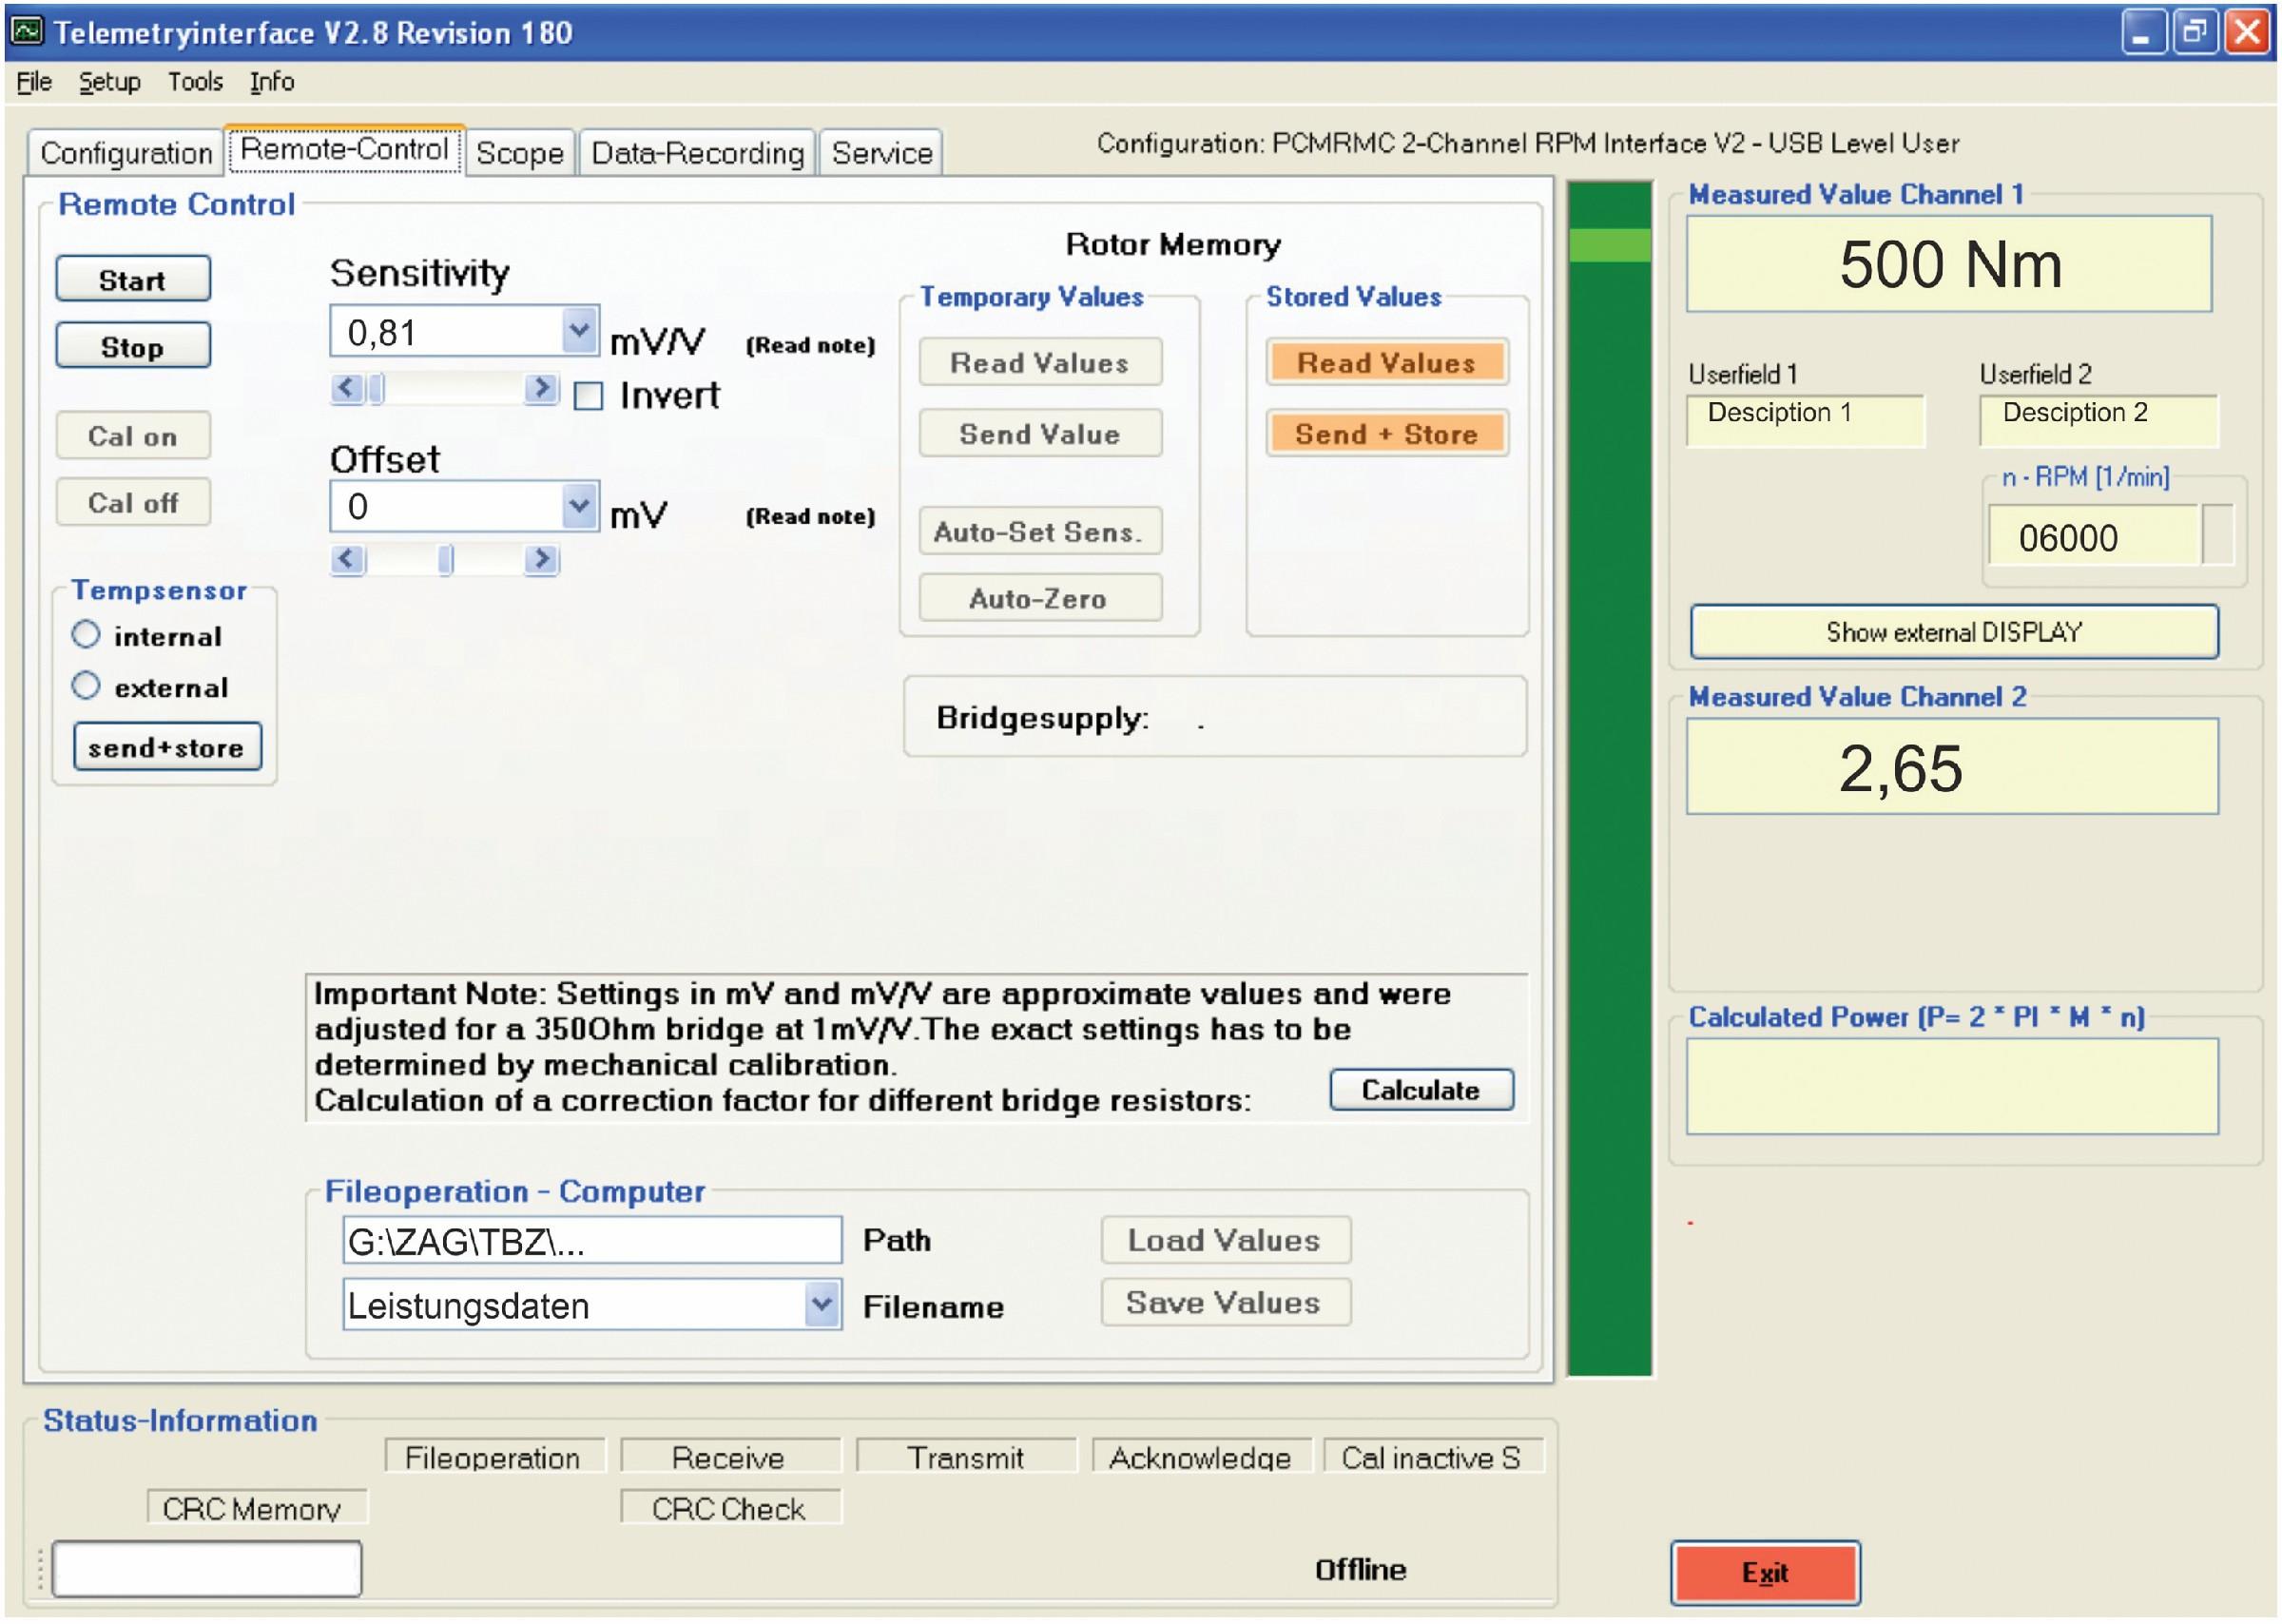 Bild 4 Messkettenkonfigurierung mittels RMC-Software von Manner. Bild: ZAE